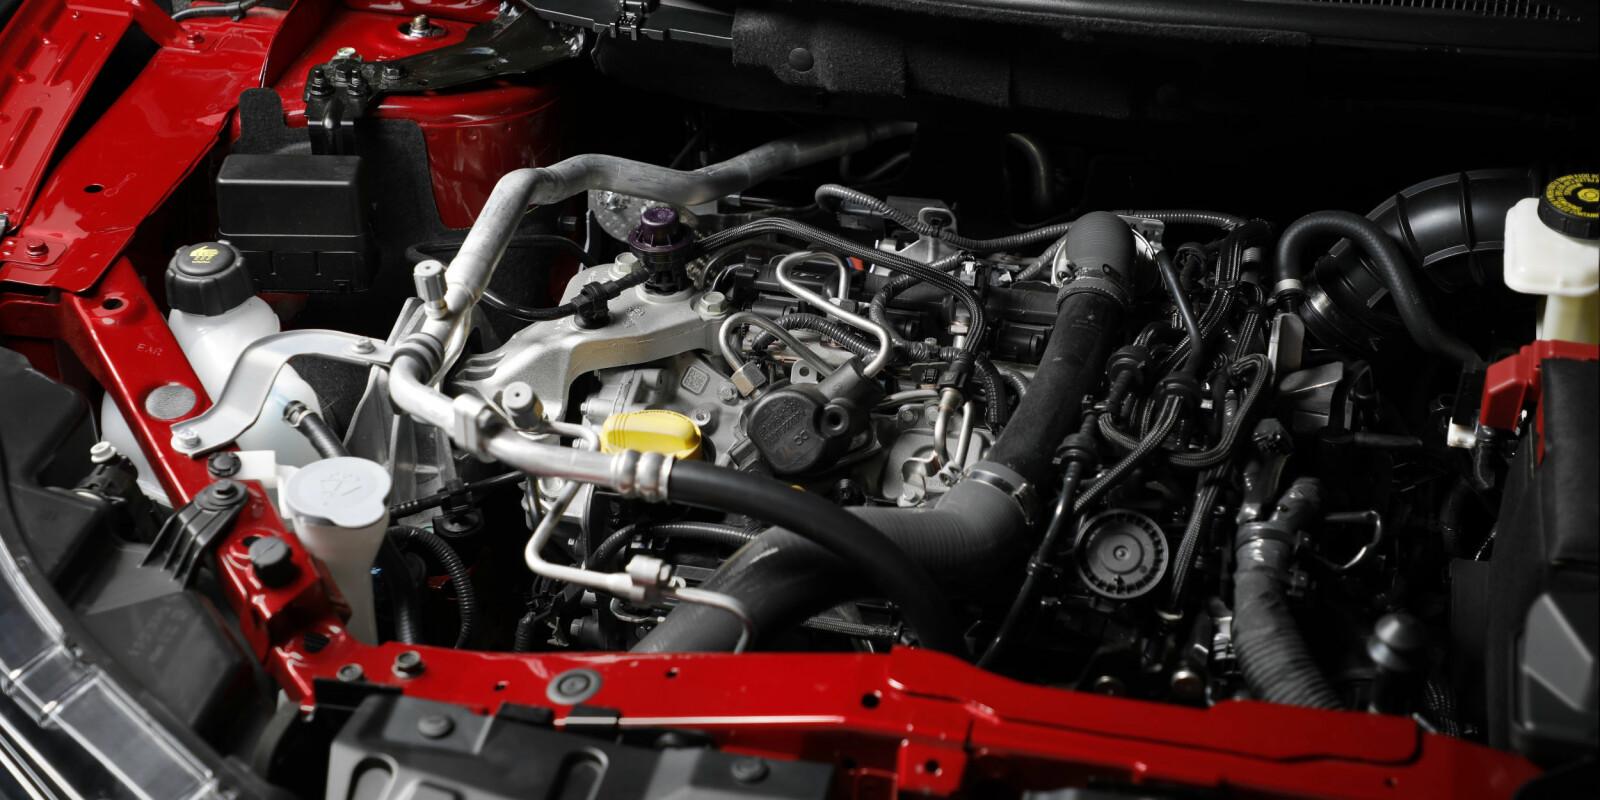 WLTP: For å nå kravene til WLTP-standarden må forbruket og dermed utslippene fra bensin- og dieselbilene ned.